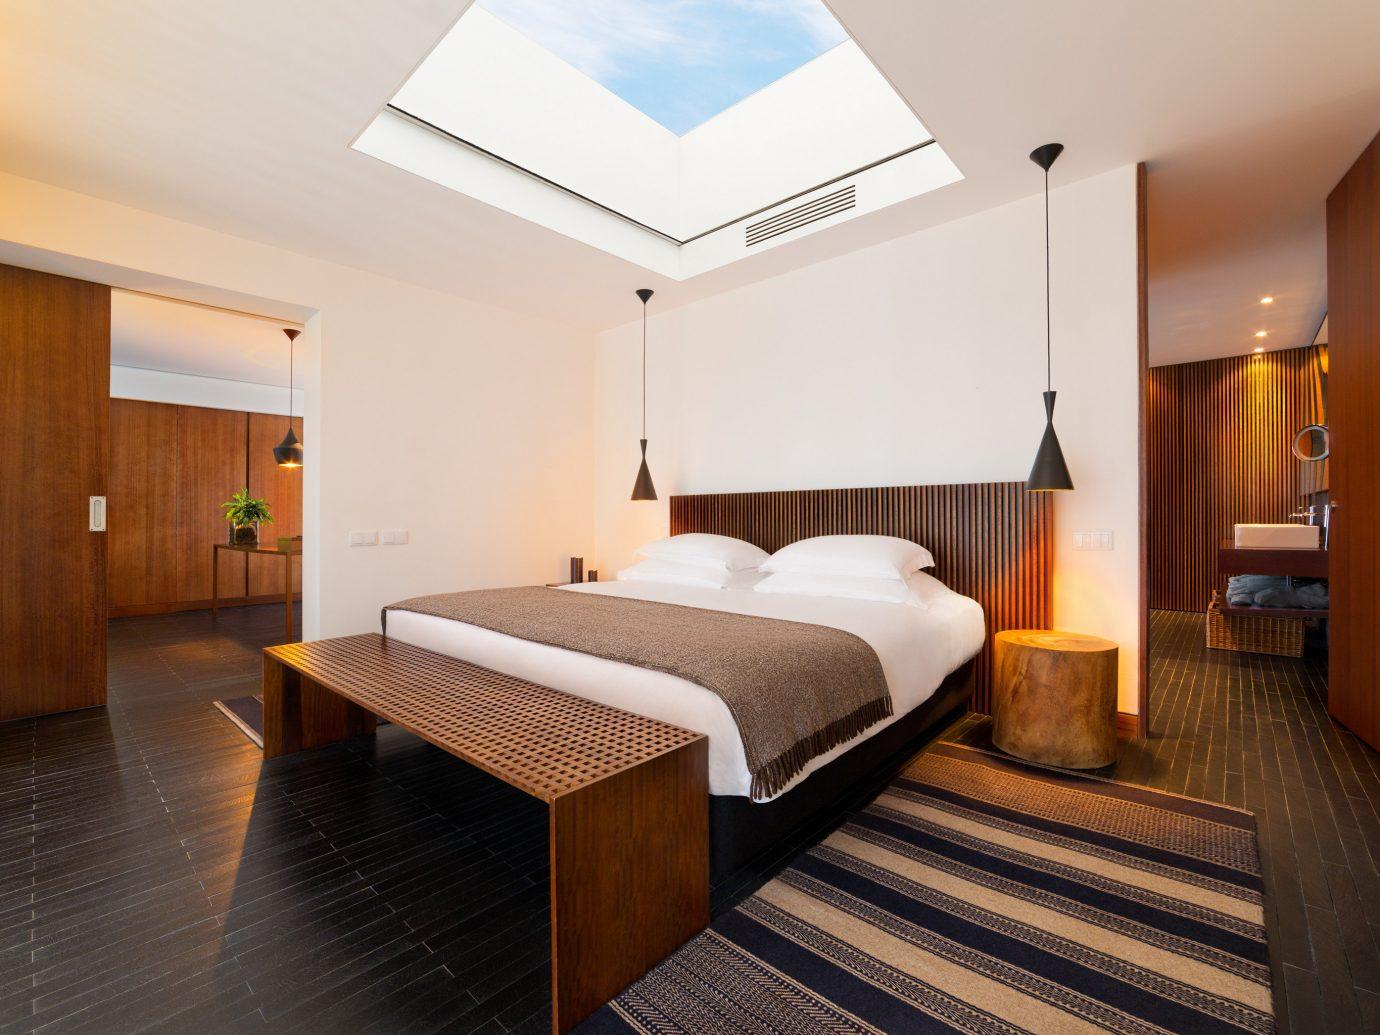 Hotels Offbeat indoor wall floor bed ceiling room property Suite Bedroom real estate estate hardwood cottage Resort hotel furniture